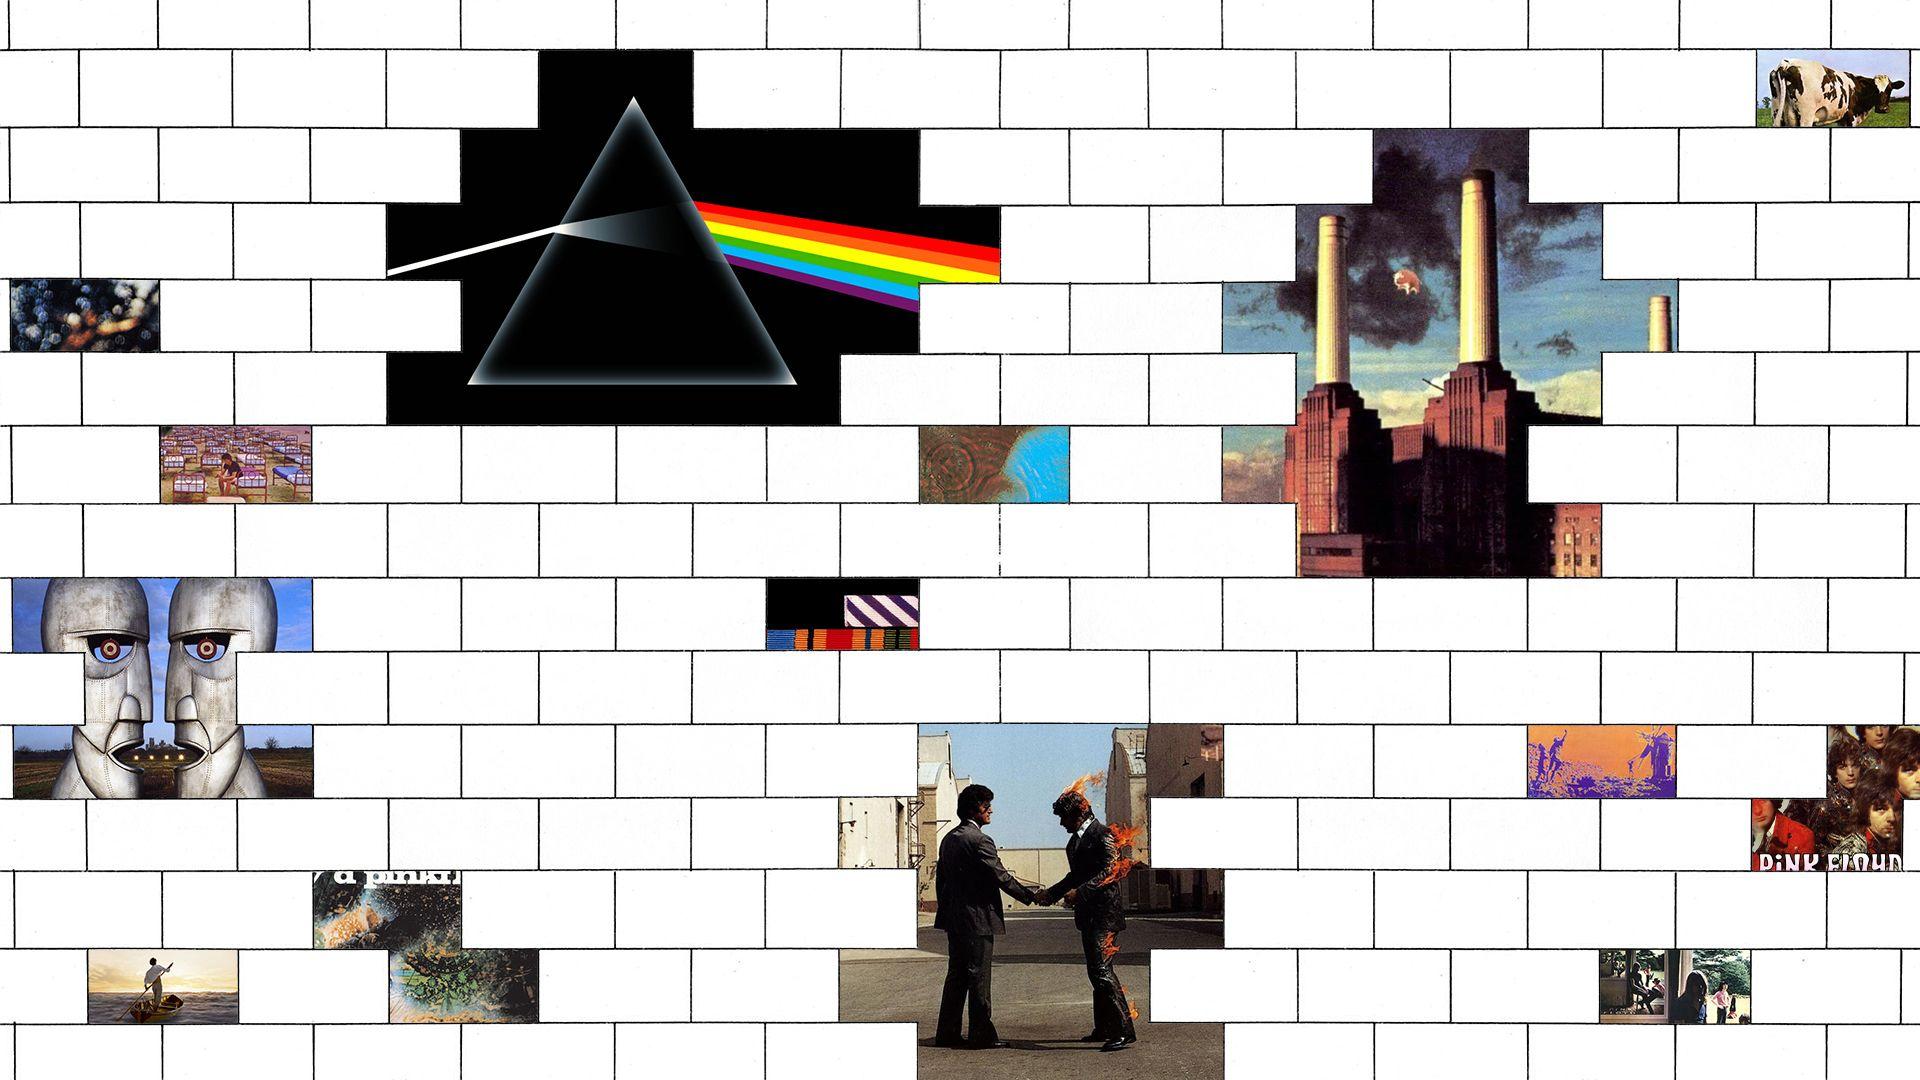 Selfmade Pink Floyd wallpaper [1920x1080] Top reddit